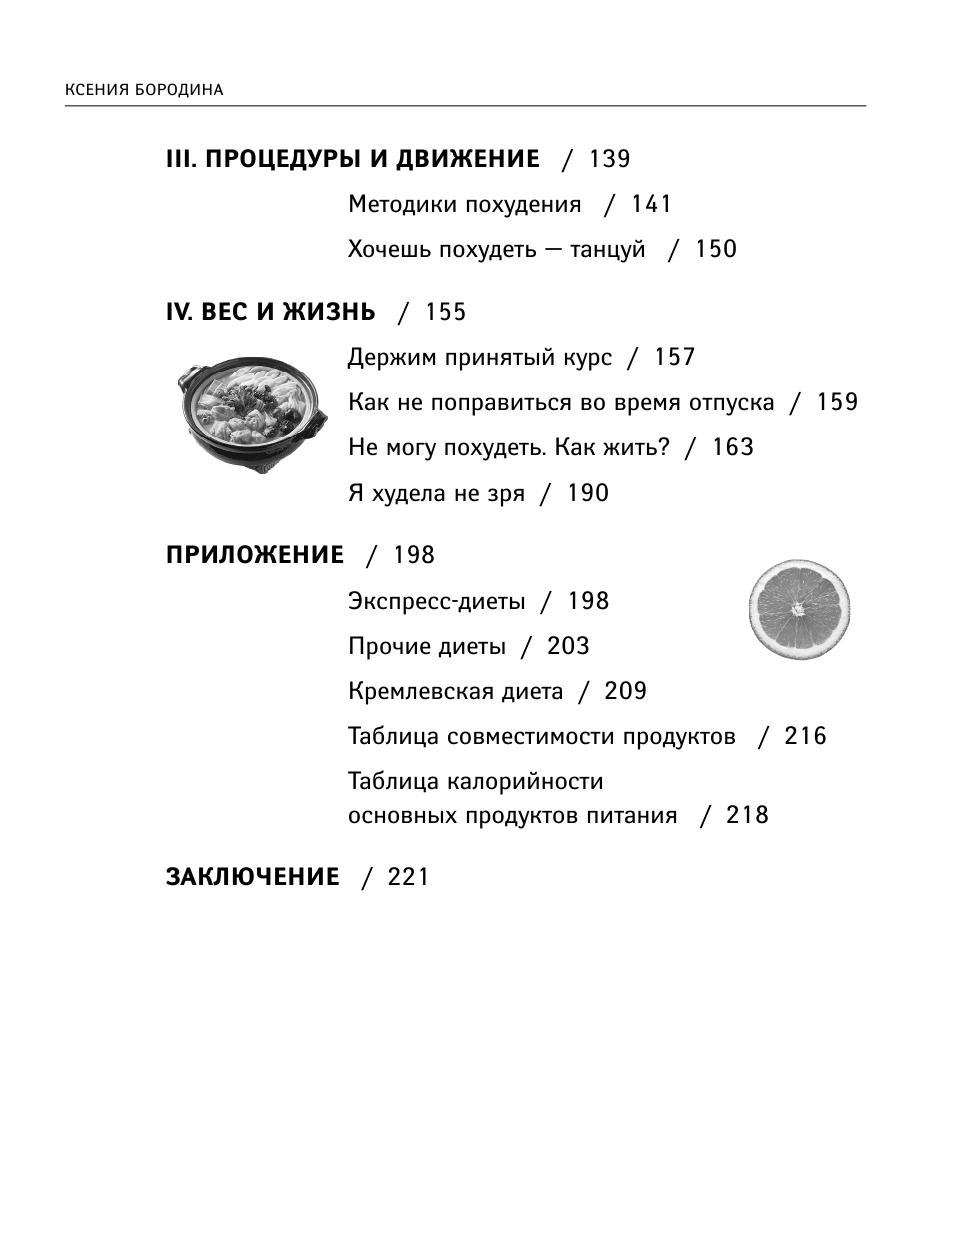 Похудение Методика Бородиной. Мифы и правда о похудении Ксении Бородиной